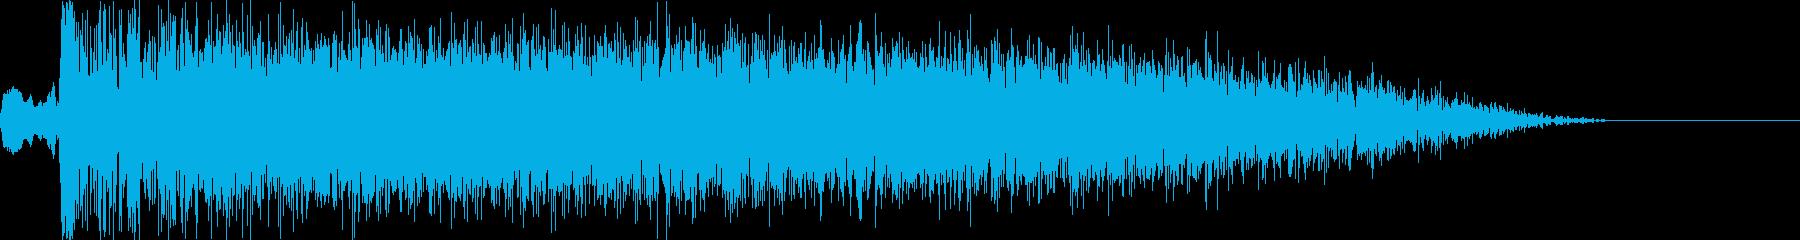 バヒューン!(ブースター)の再生済みの波形